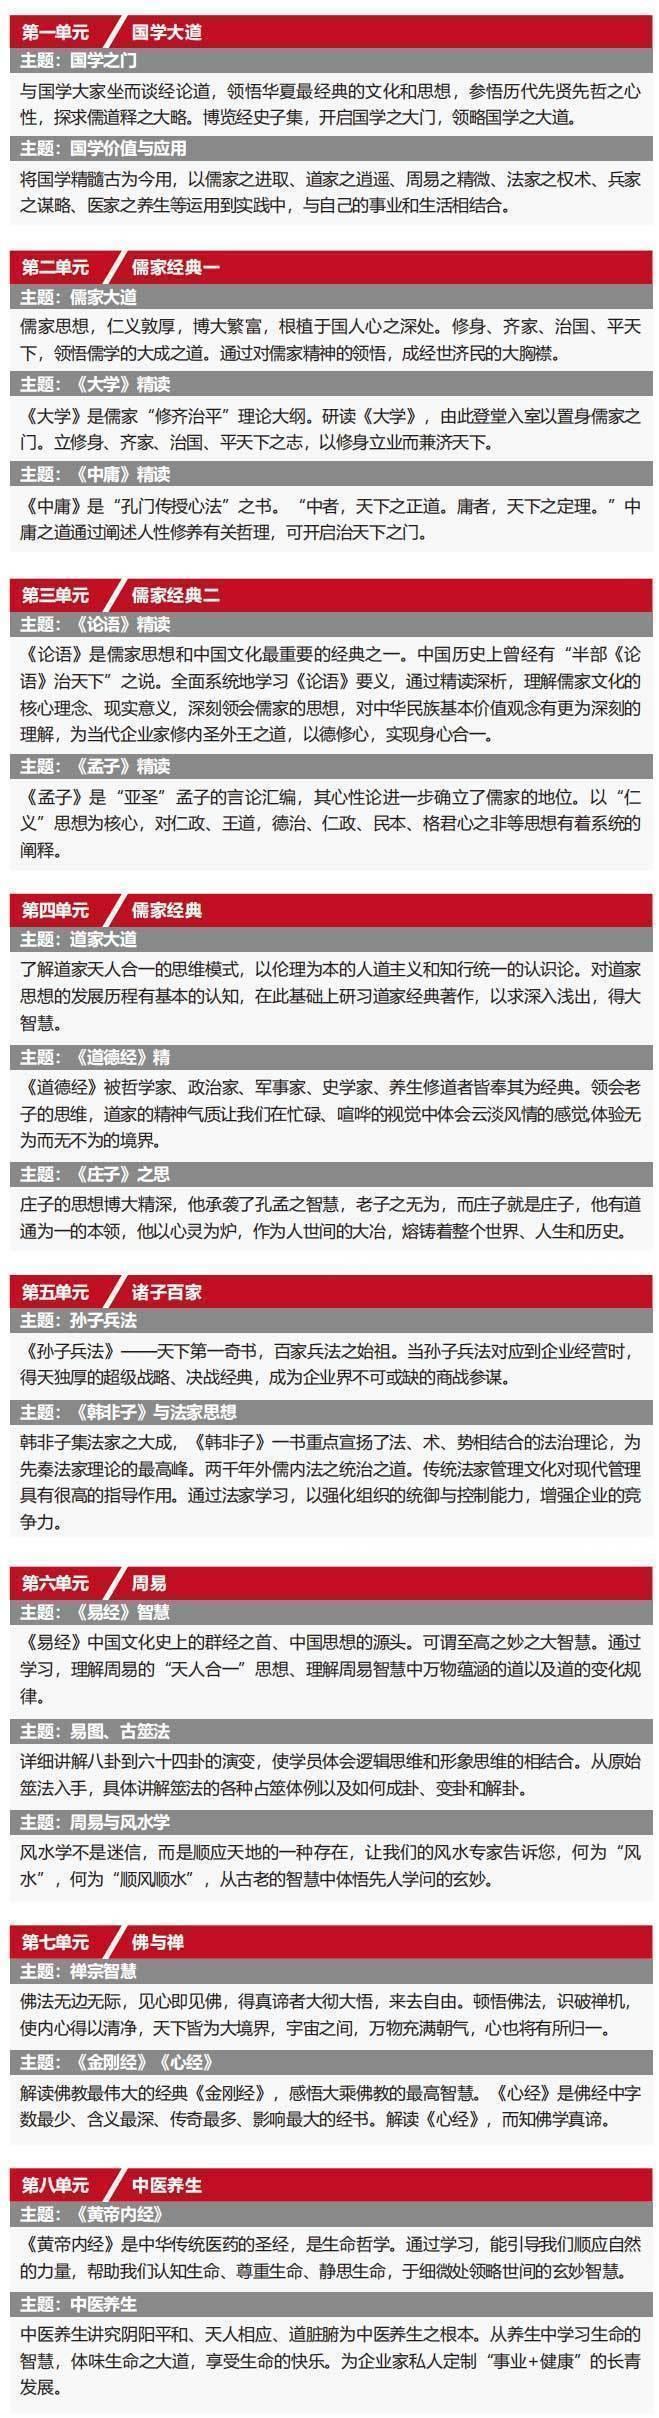 中国国学百家讲堂管理思想高级研修班_0